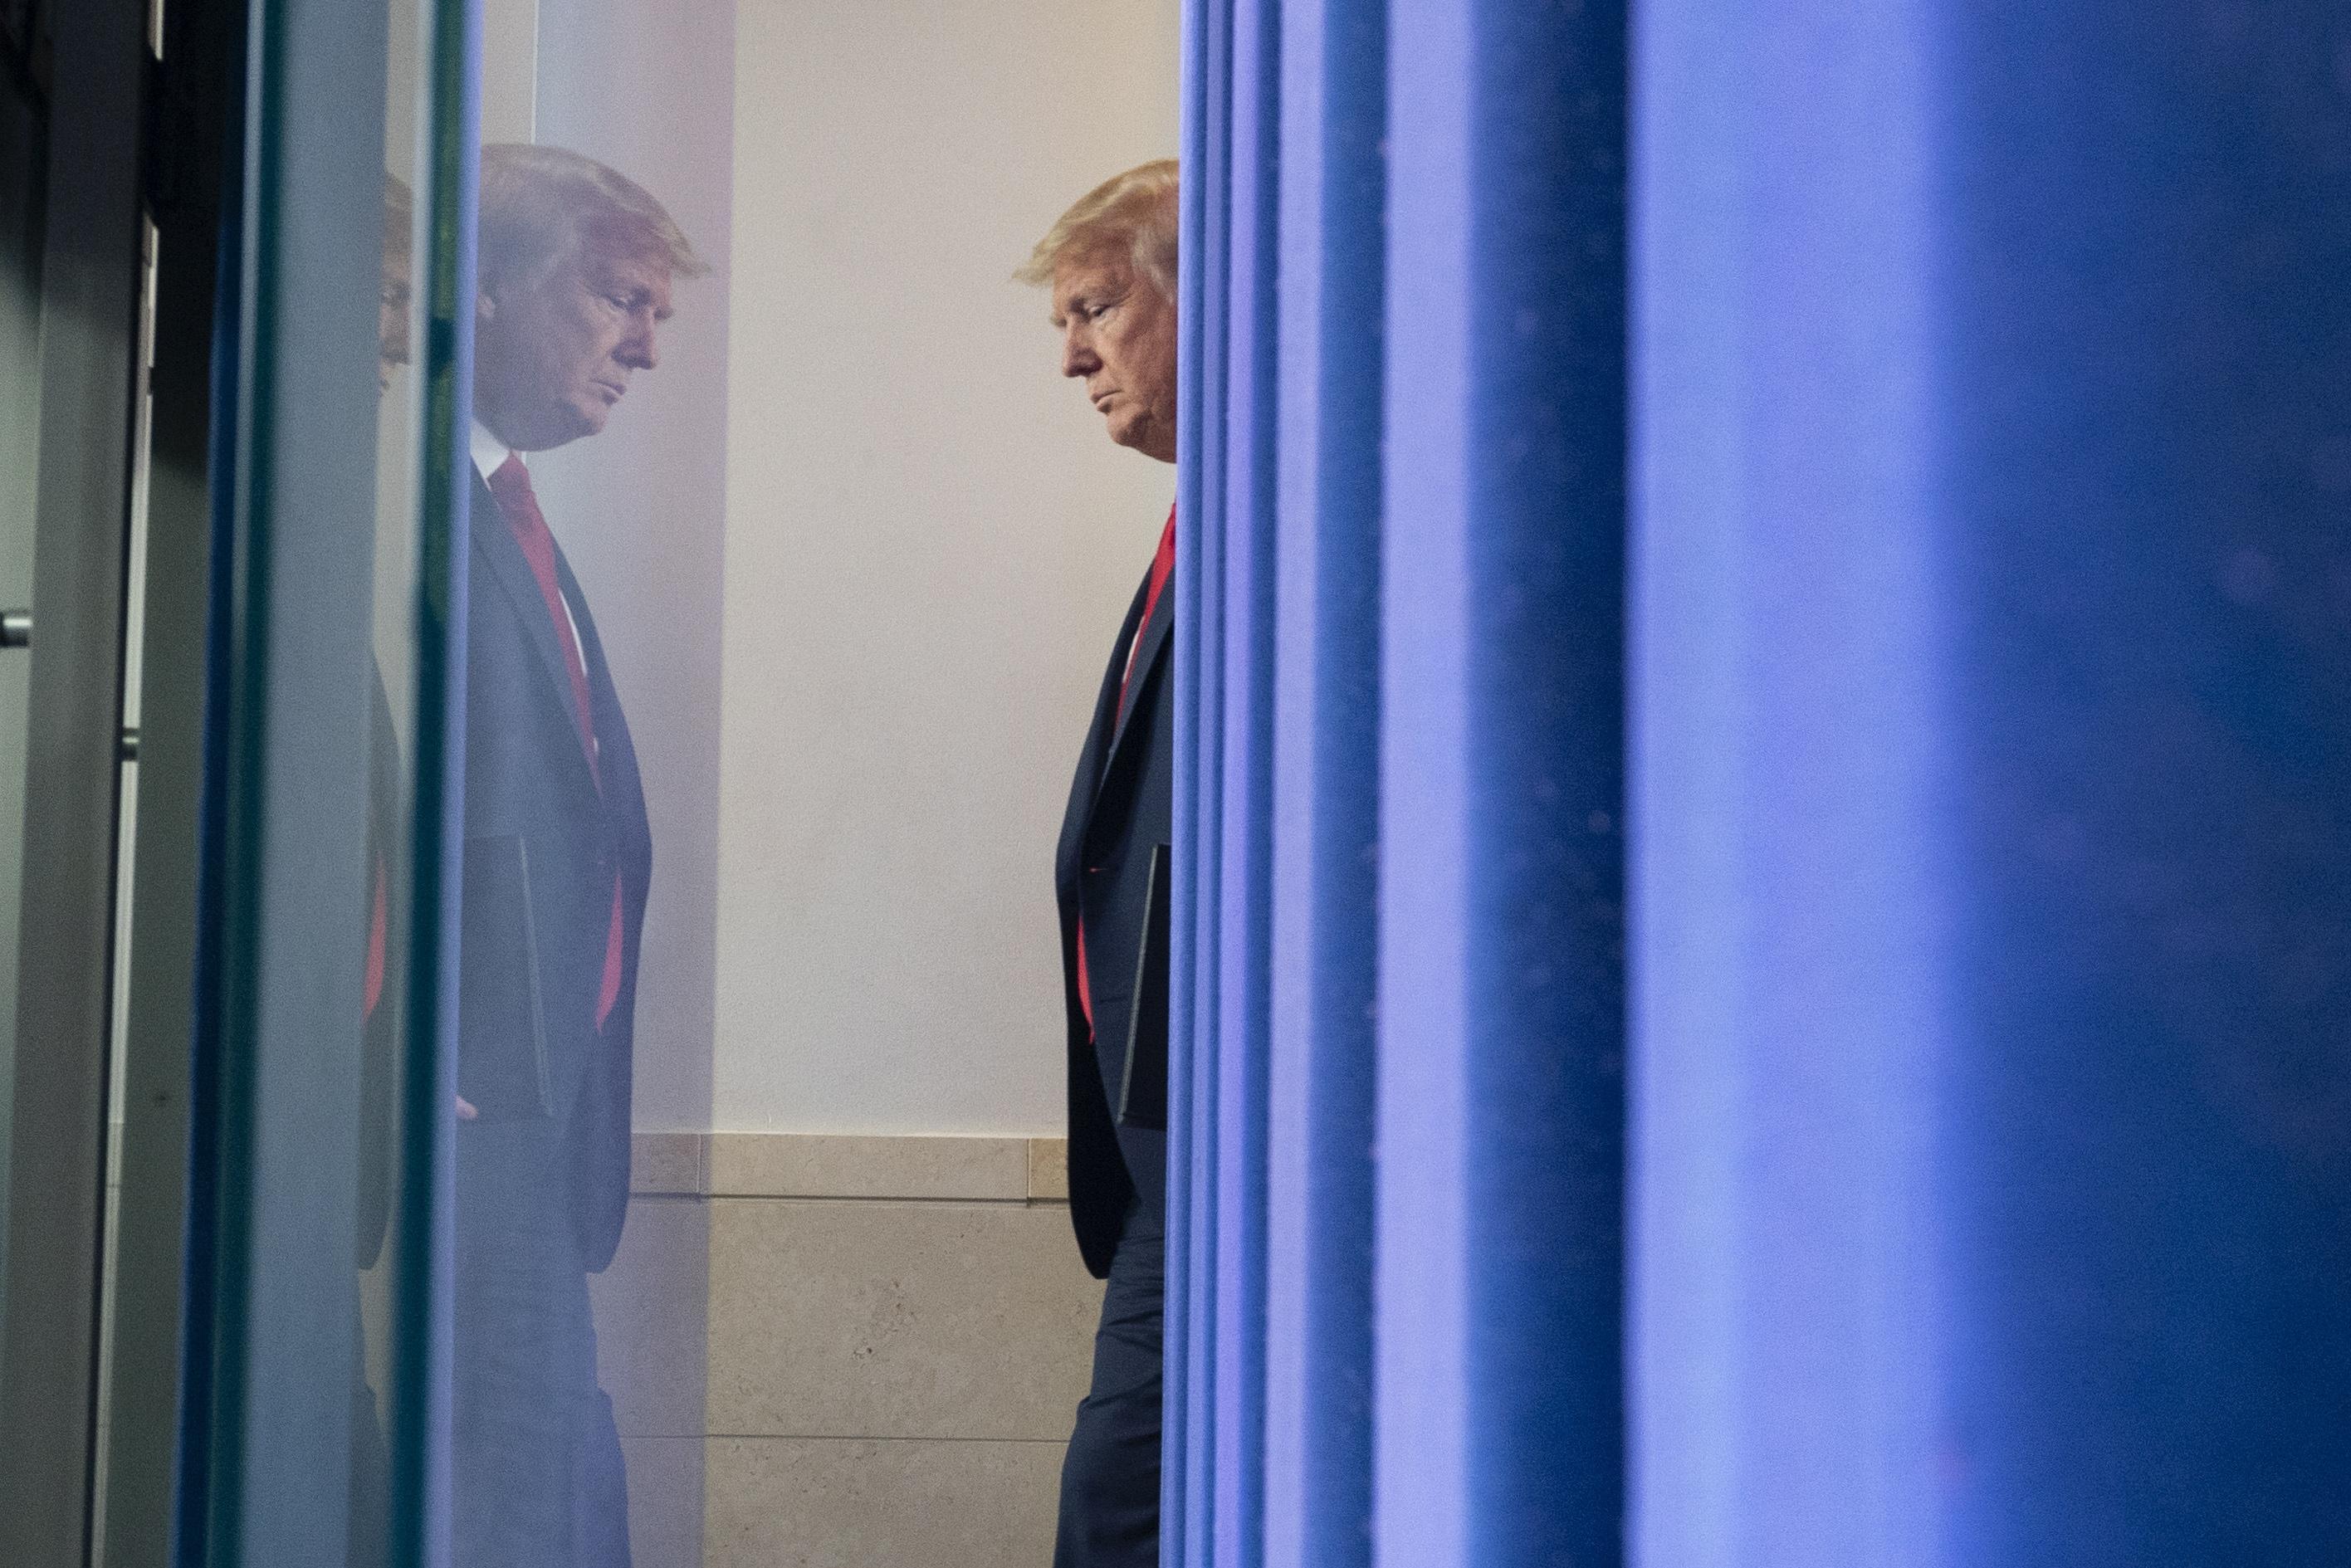 코로나19 대응 기자회견장 도착하는 트럼프 대통령. AP/연합뉴스 제공